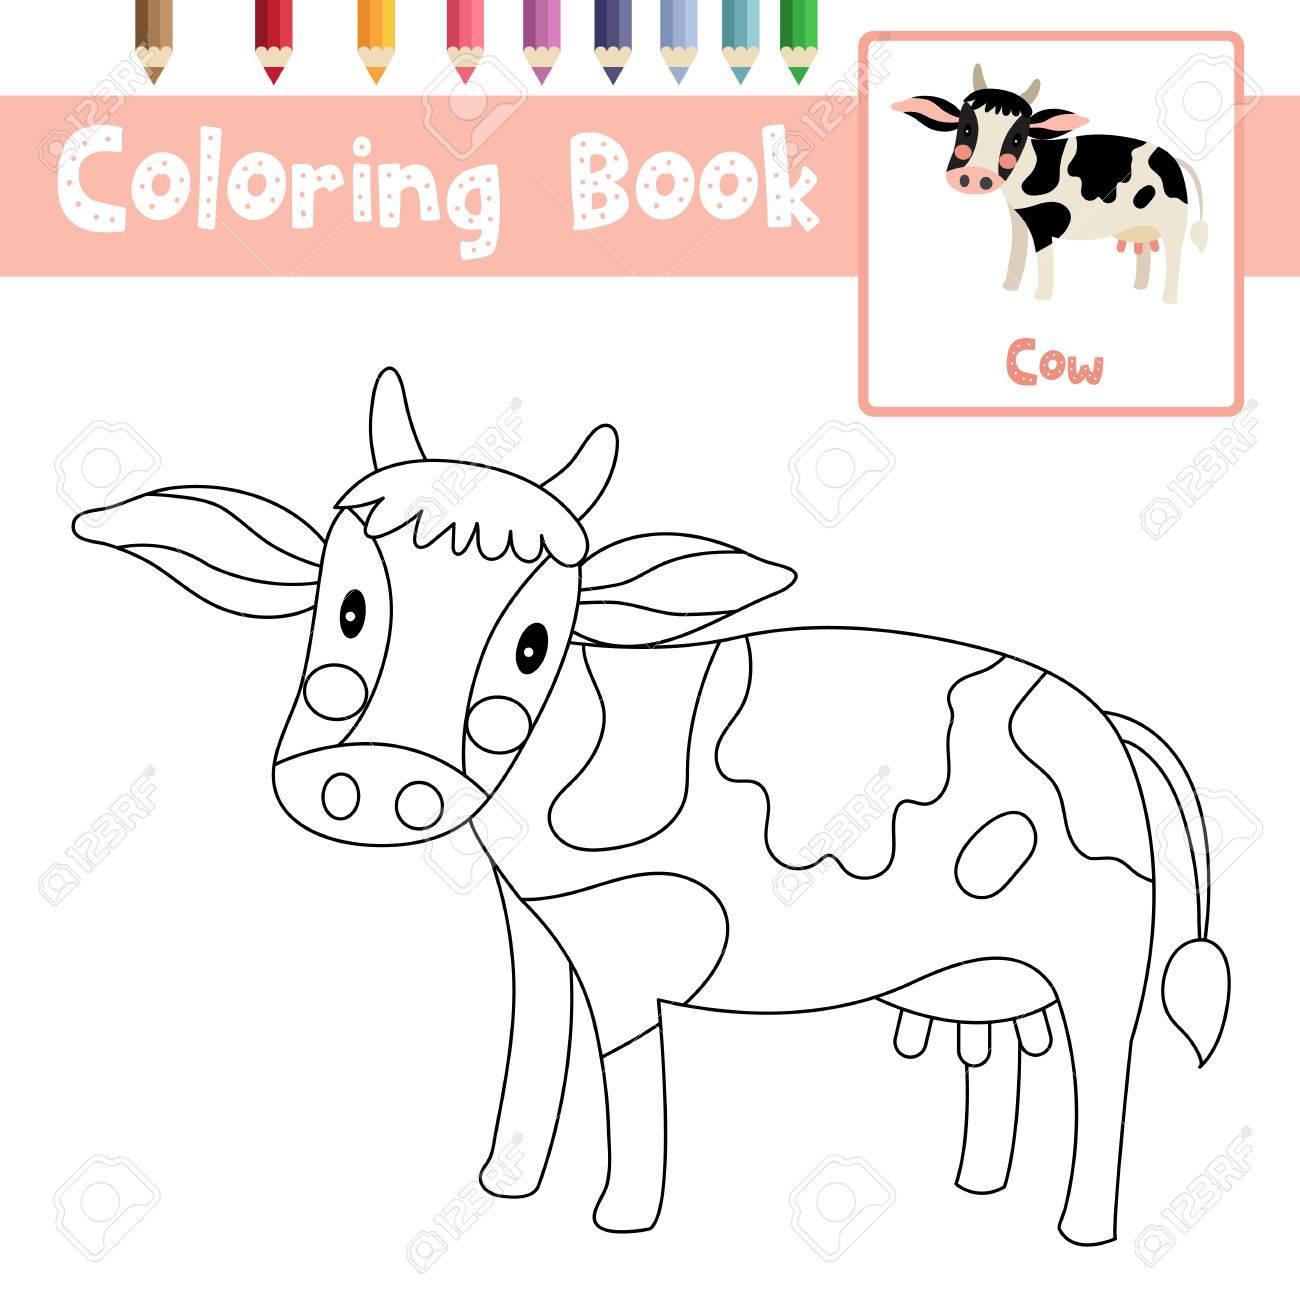 Coloriage Animaux Vache.Coloriage D Animaux De Vache Pour La Feuille De Travail Educative D